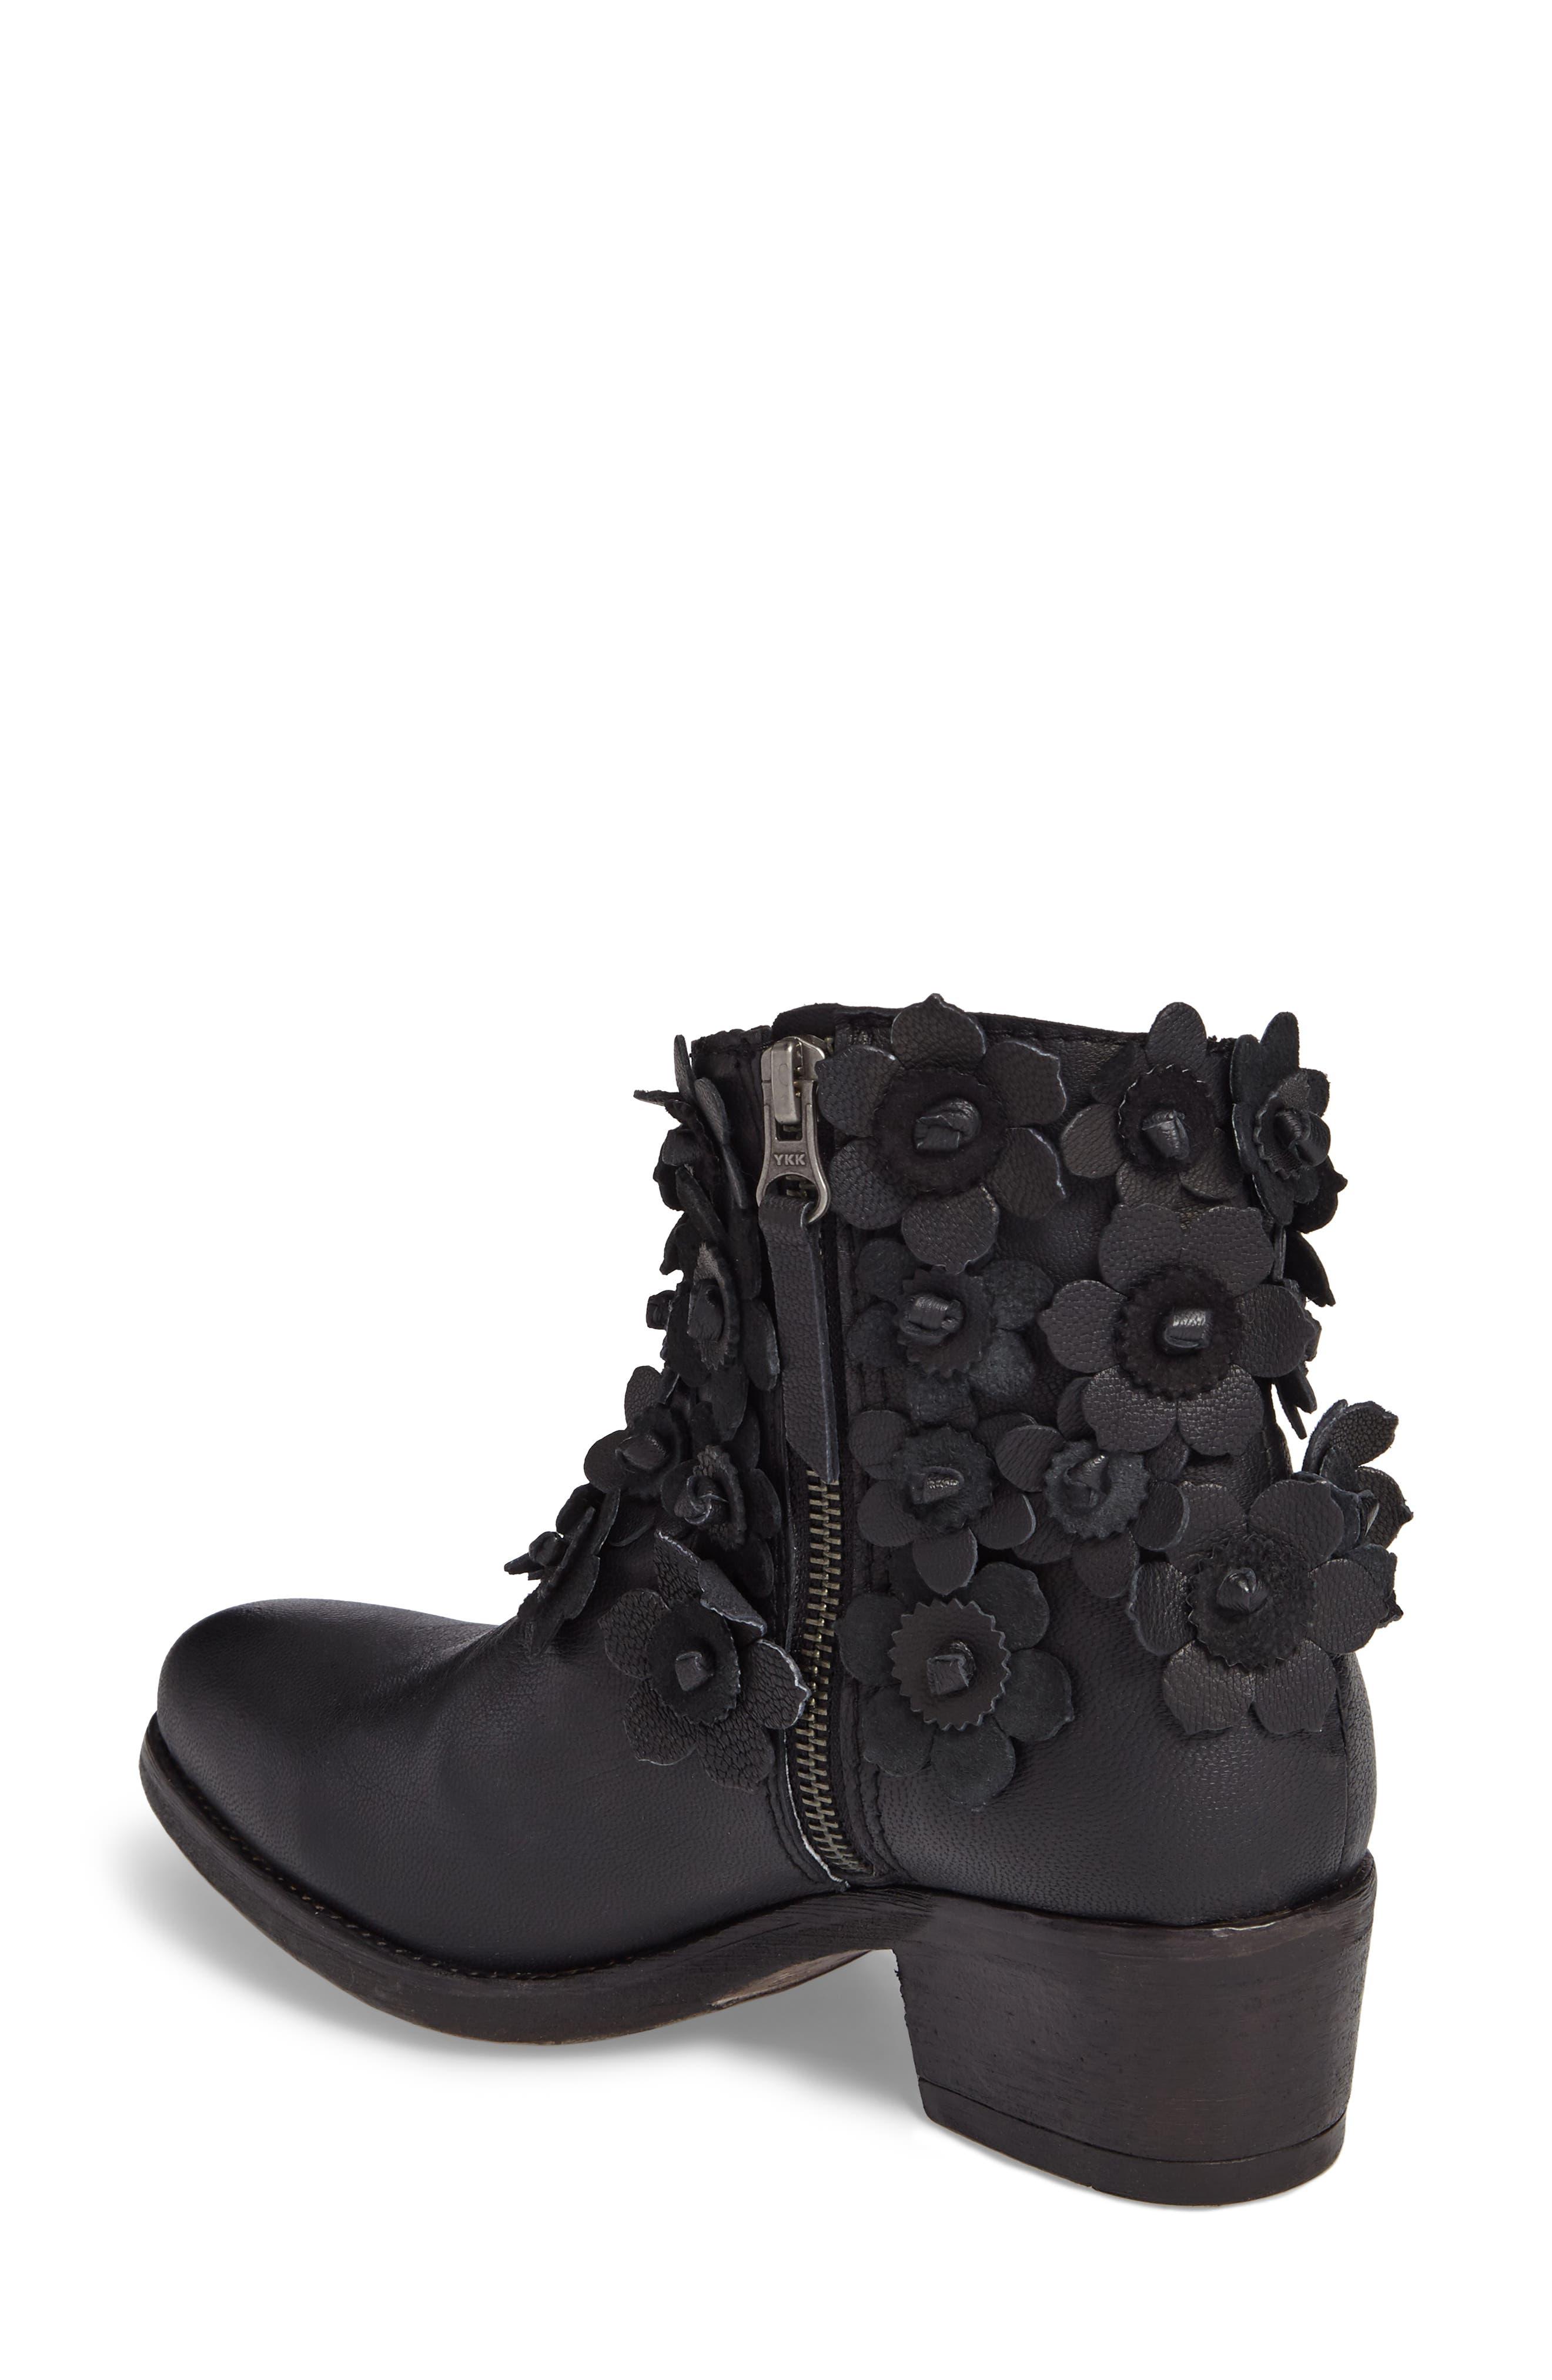 Saffron Bootie,                             Alternate thumbnail 2, color,                             Black Leather